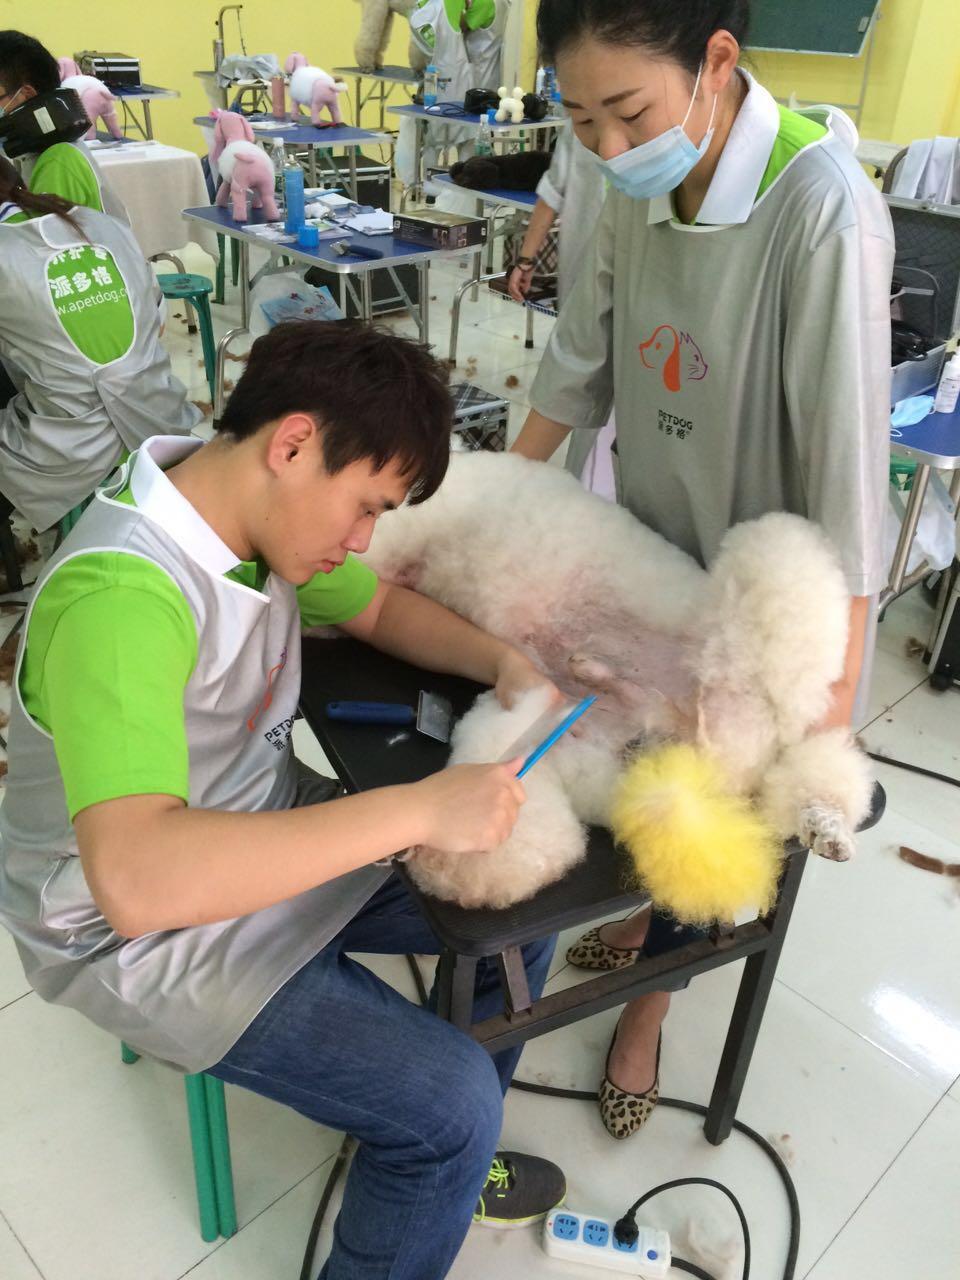 专业宠物美容培训学校哪家比较好-沈阳晶点宠物美容培训学校